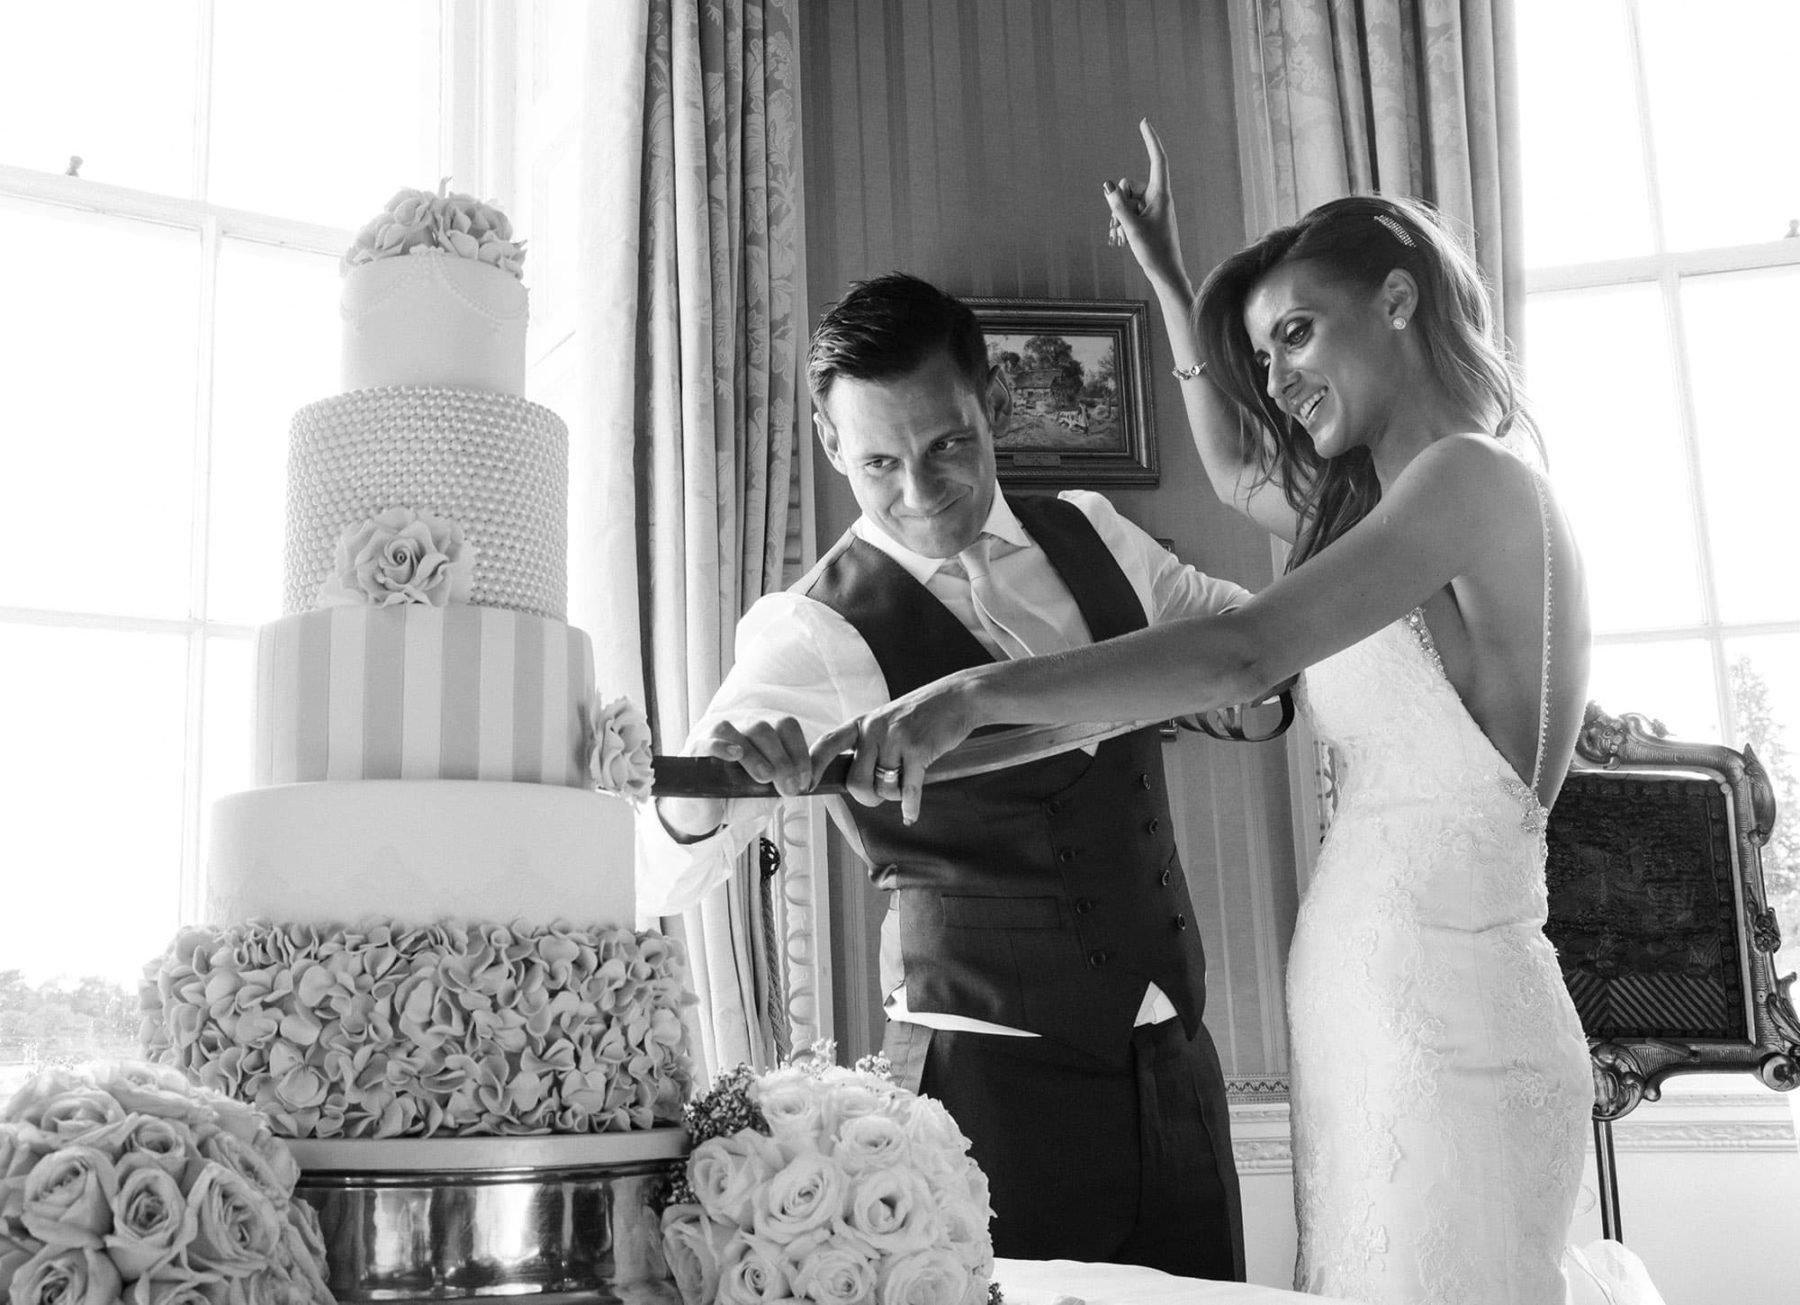 Coppia di sposi tagliano la torta nuziale con una sciabola antica